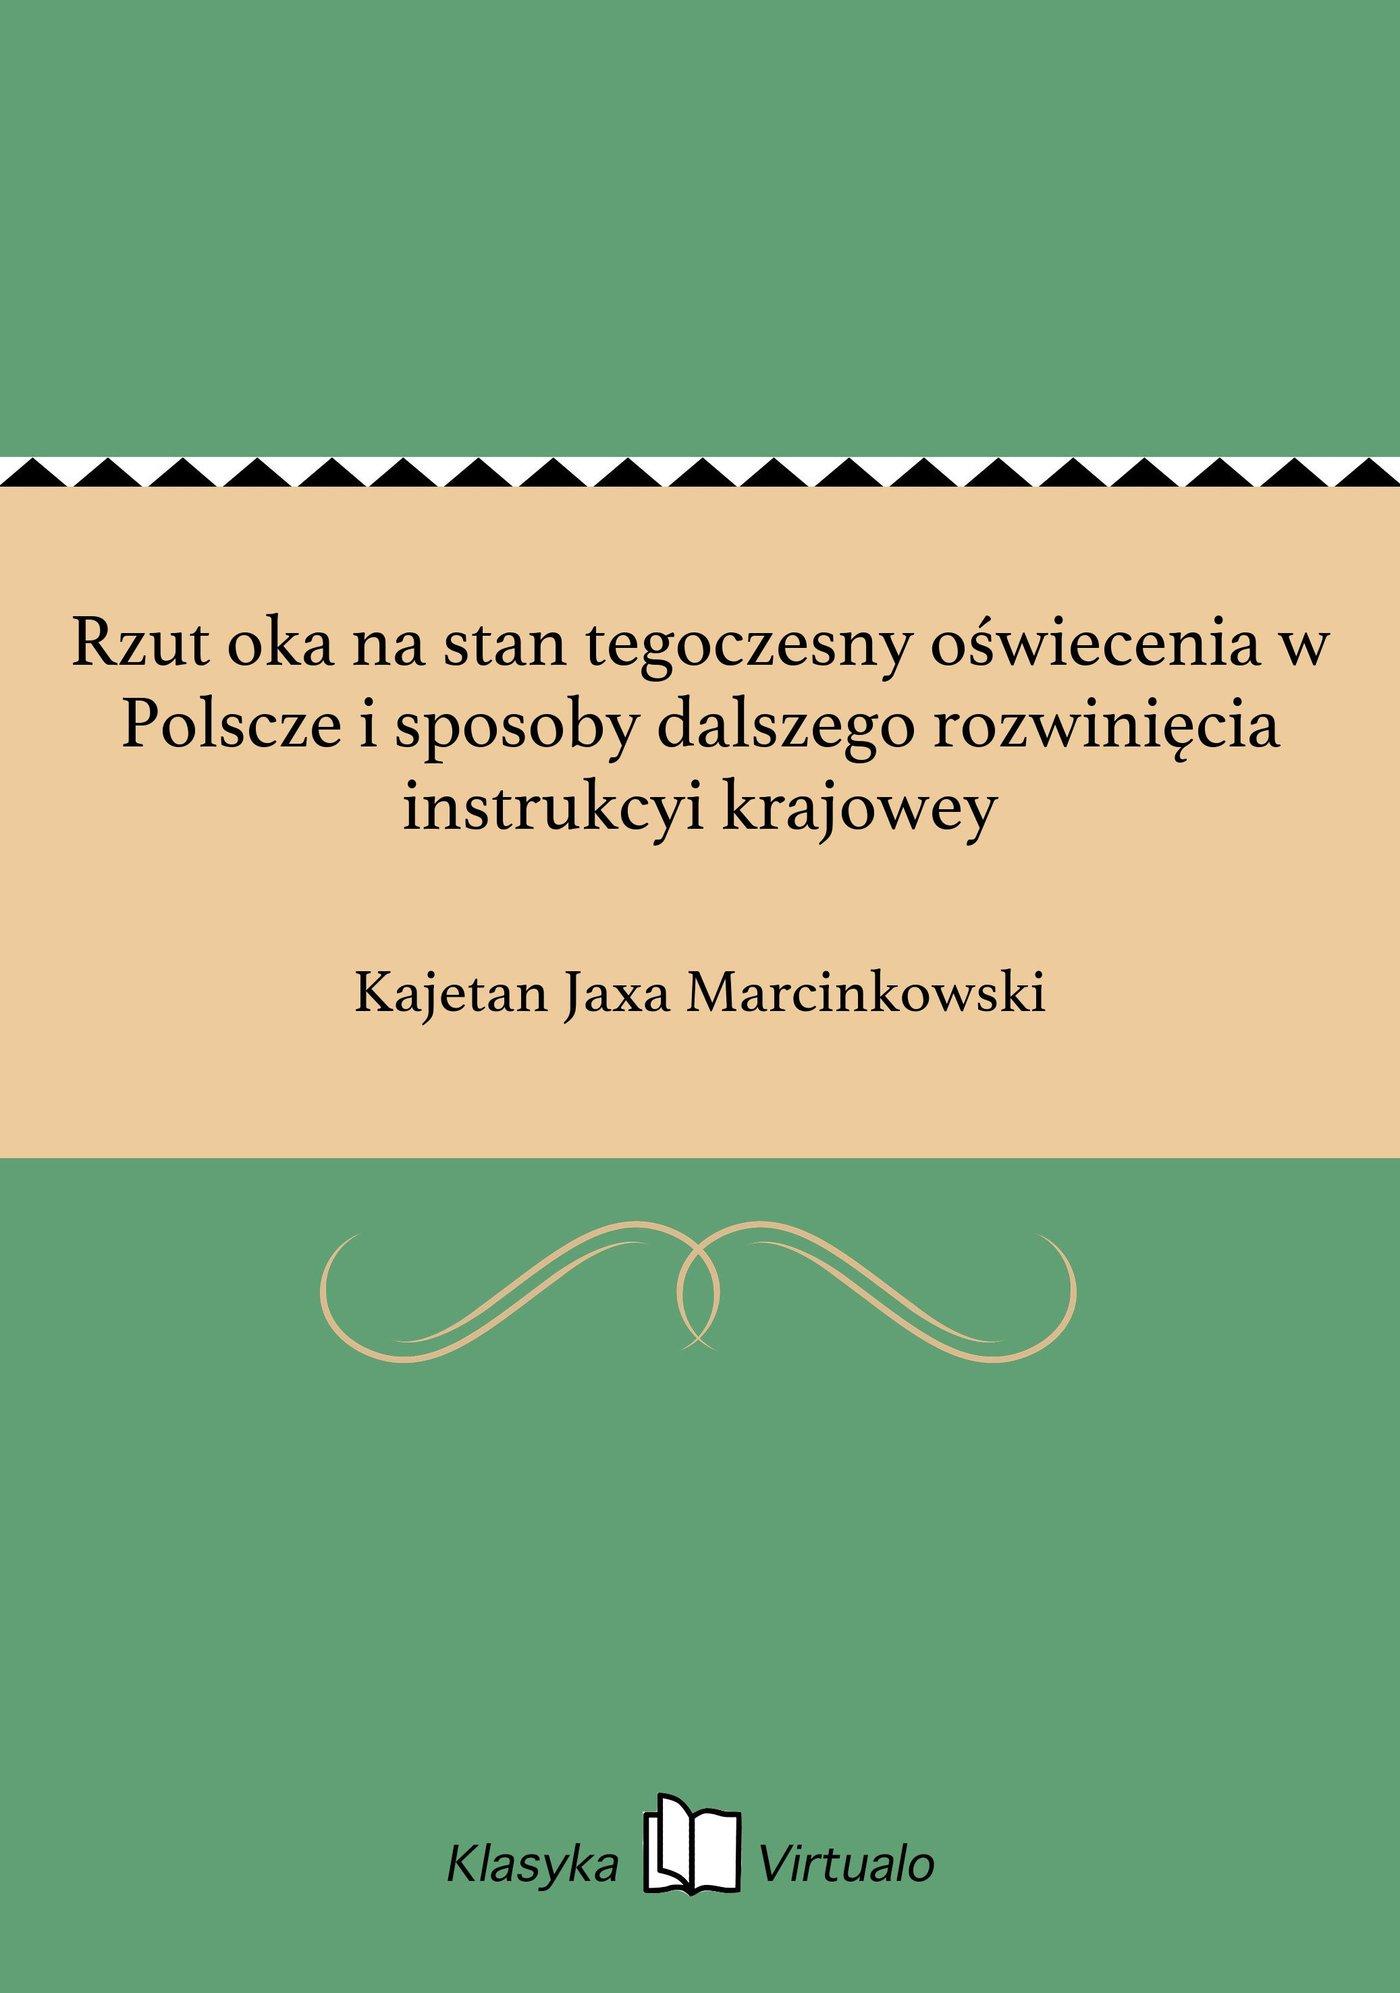 Rzut oka na stan tegoczesny oświecenia w Polscze i sposoby dalszego rozwinięcia instrukcyi krajowey - Ebook (Książka EPUB) do pobrania w formacie EPUB